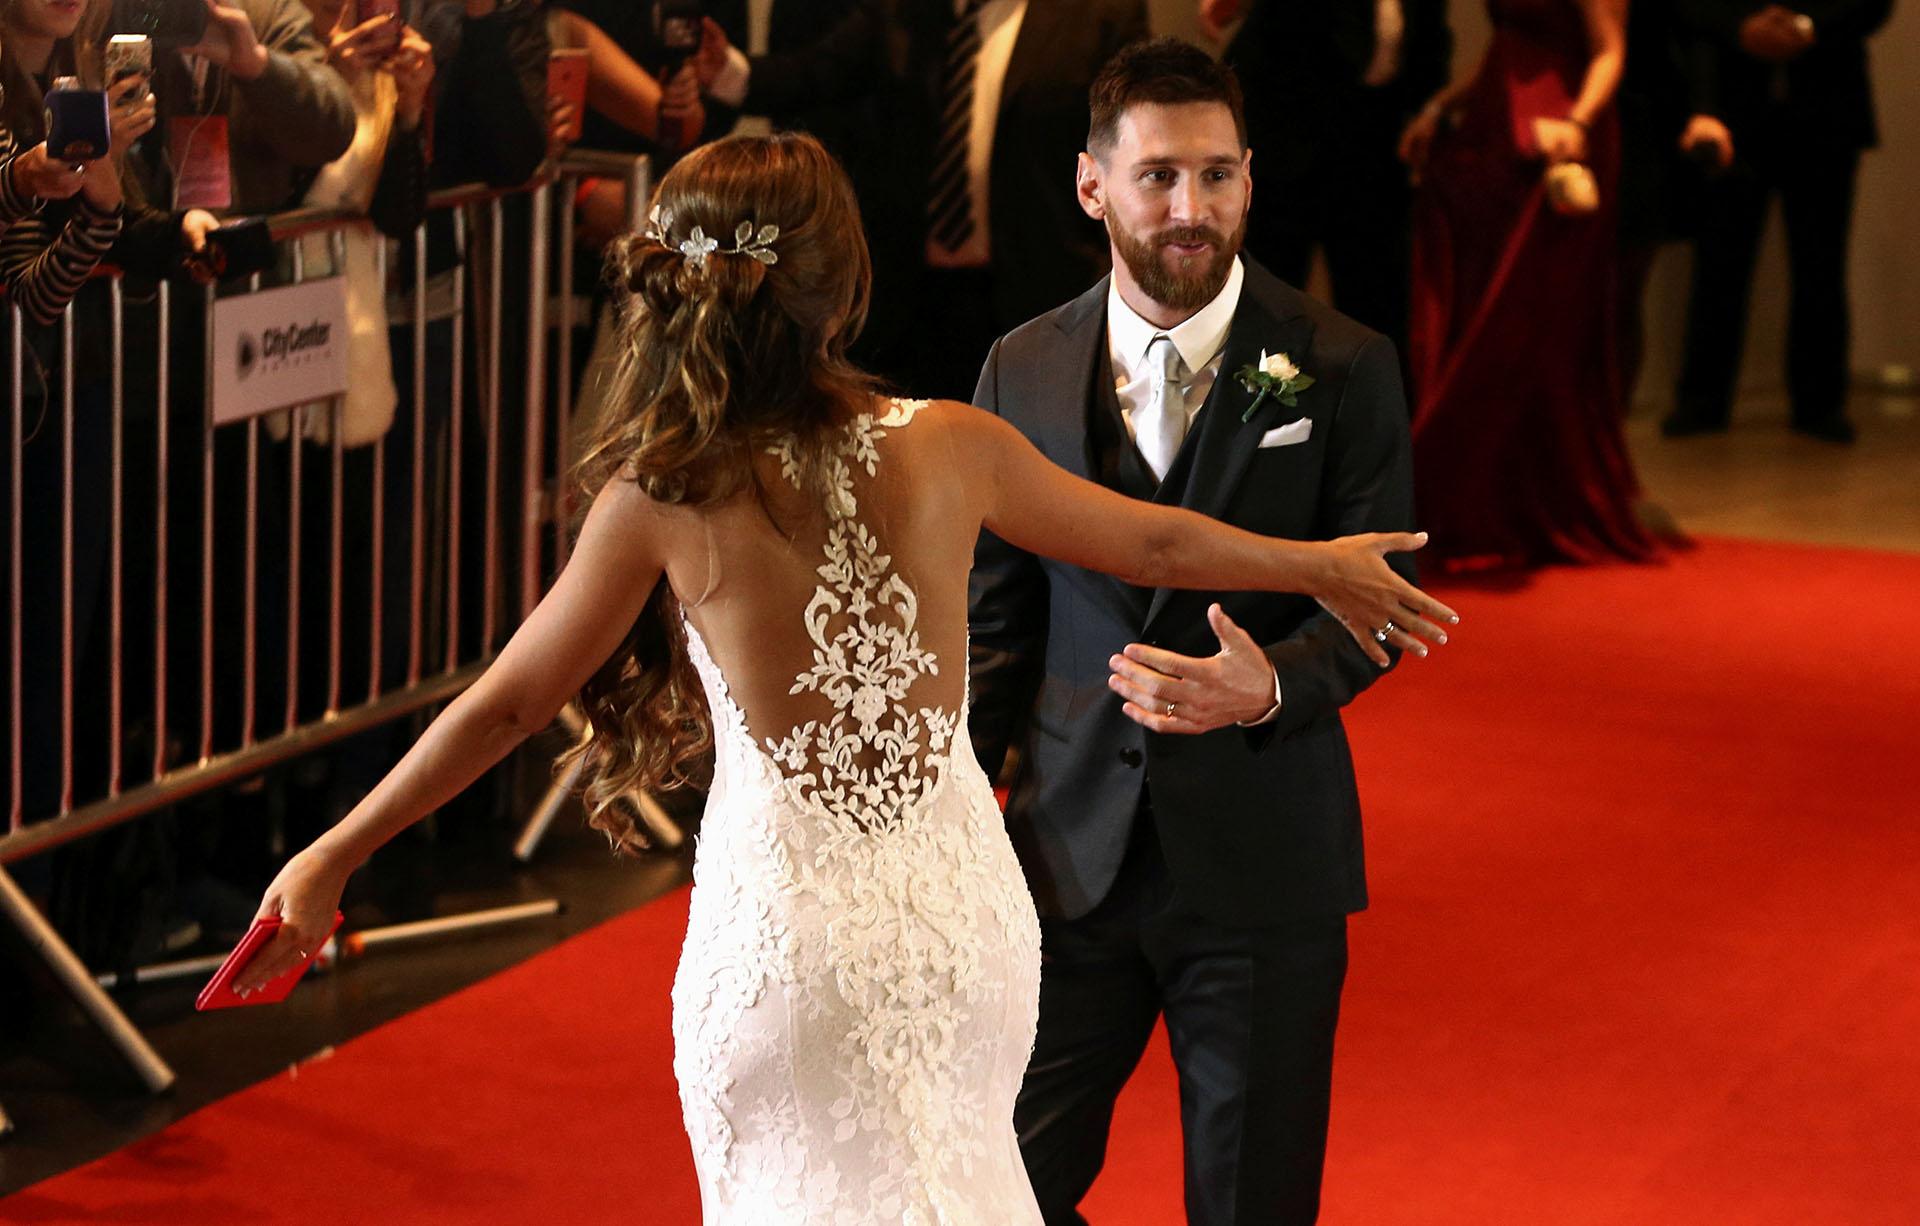 """Rosa Clará, responsable del modelo que lució Antonela Roccuzzo, dijo sobre su diseño: """"Una maravillosa espalda con aplicaciones de guipur que realzaba la figura de la novia con un sutil efecto tattoo"""""""